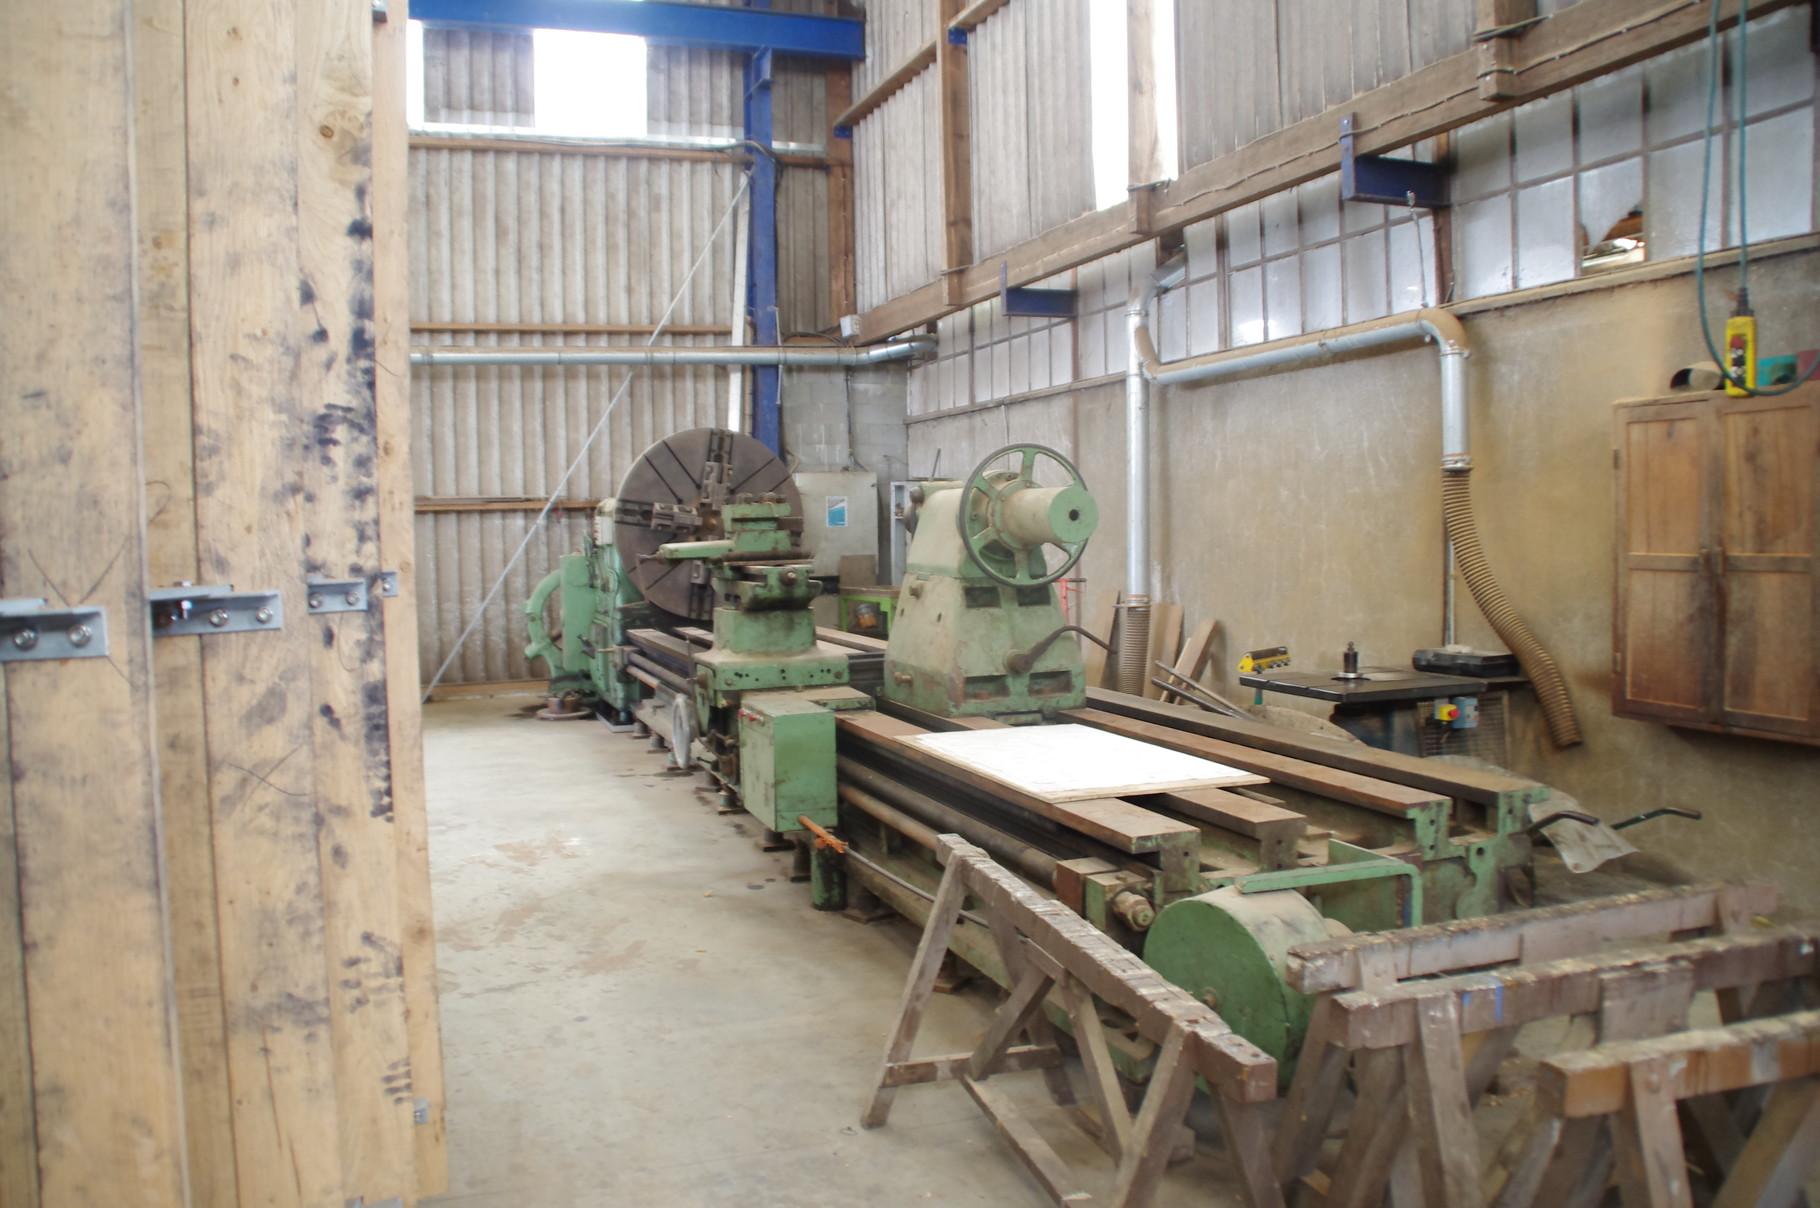 Le tour à bois pour le tournage d'axe de mouln à vent